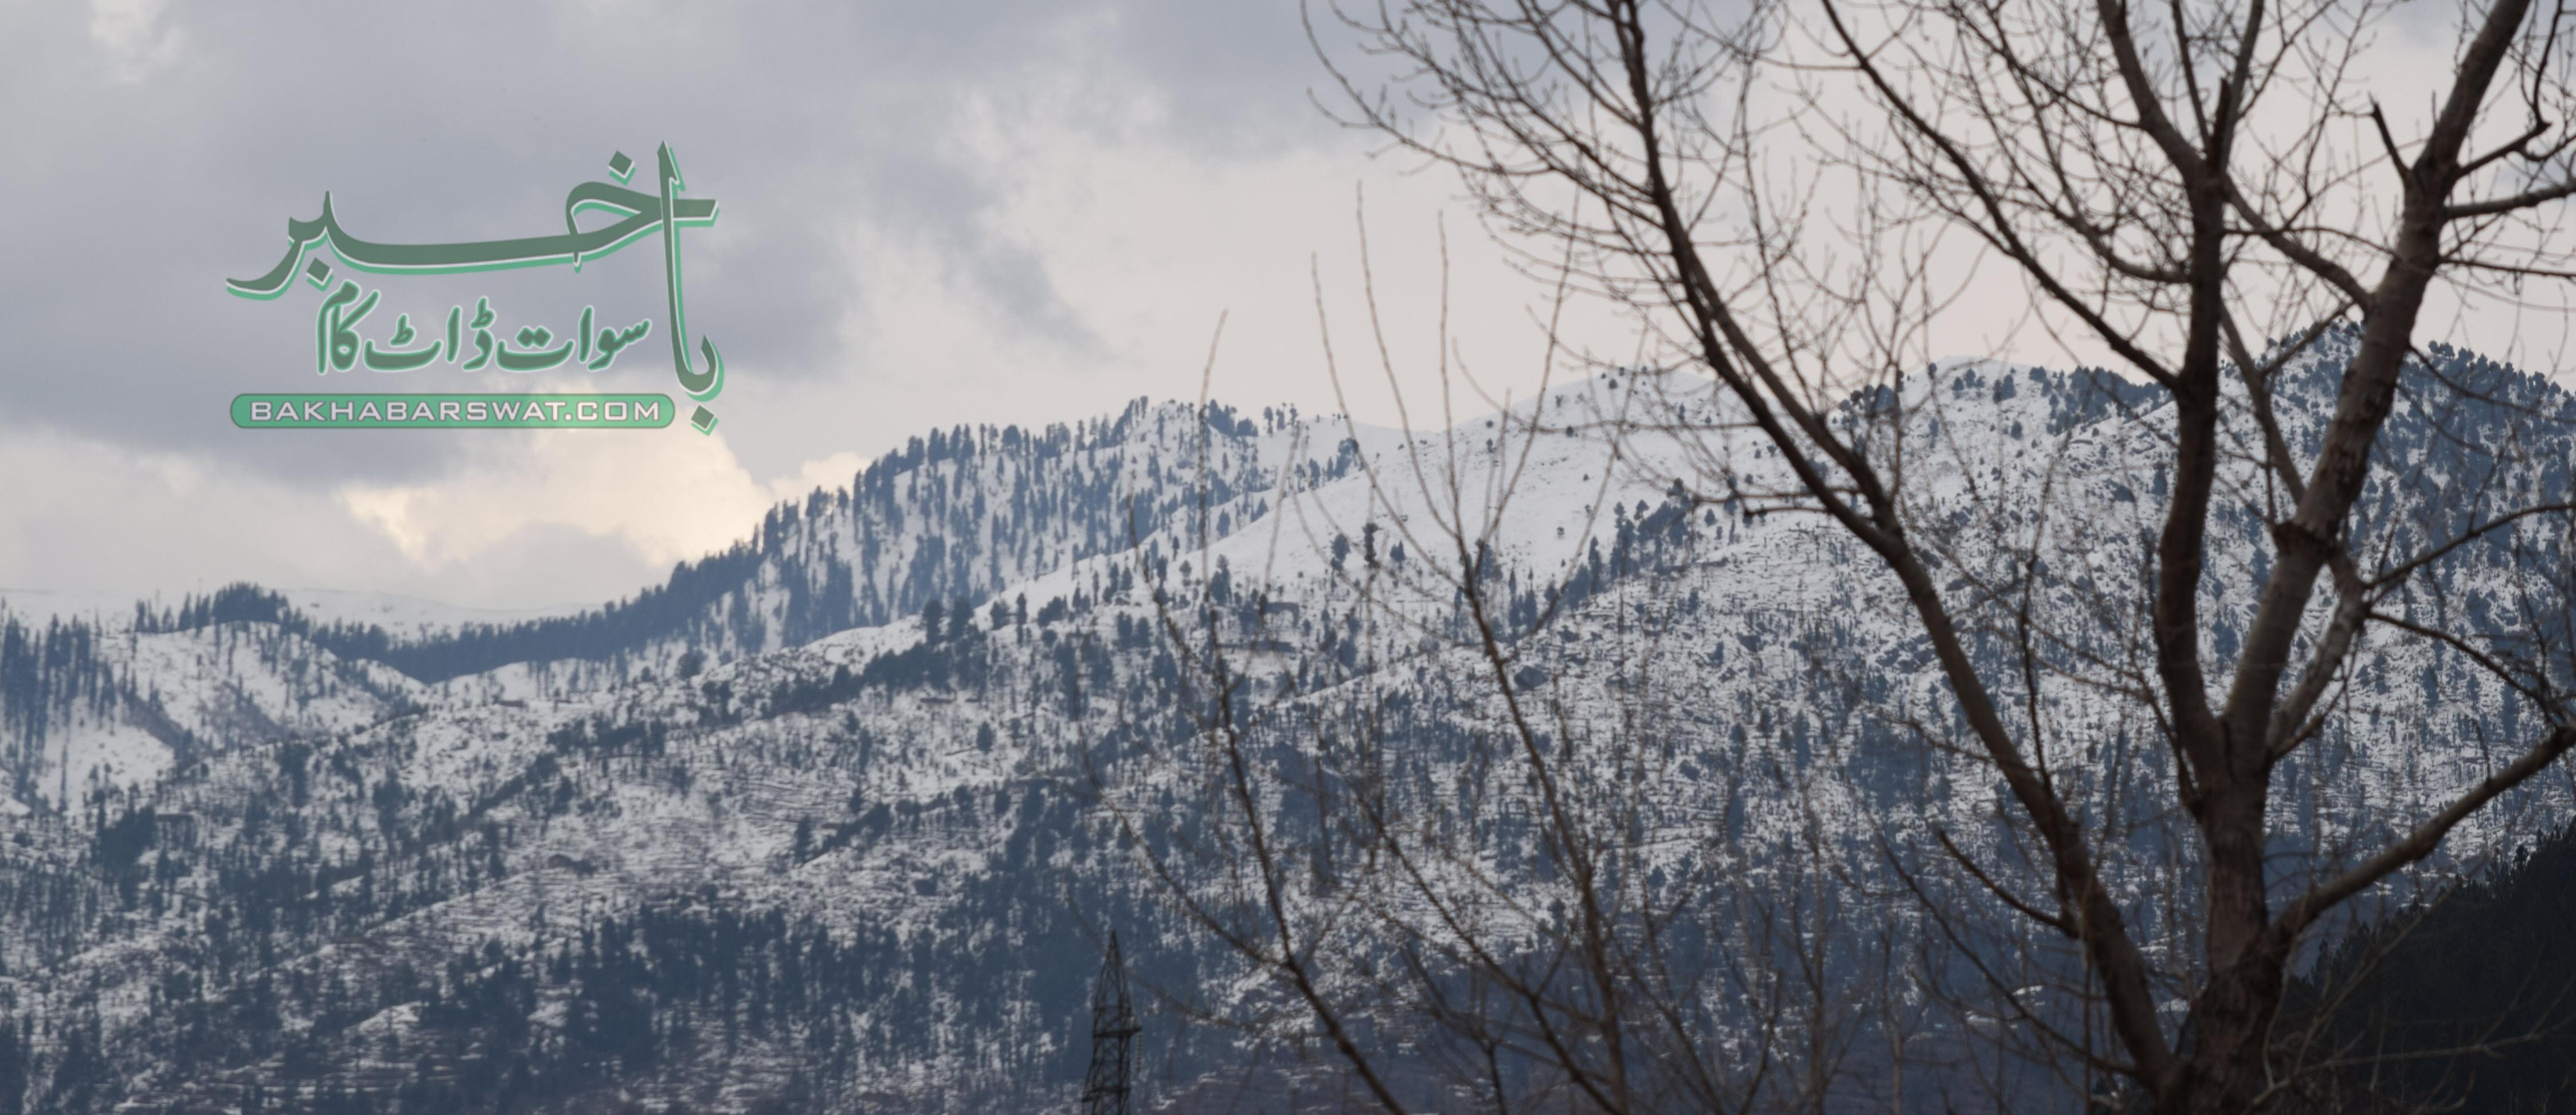 ایں گل دیگر شگفت، جون کے آخر میں کالام کے پہاڑوں پر برف باری